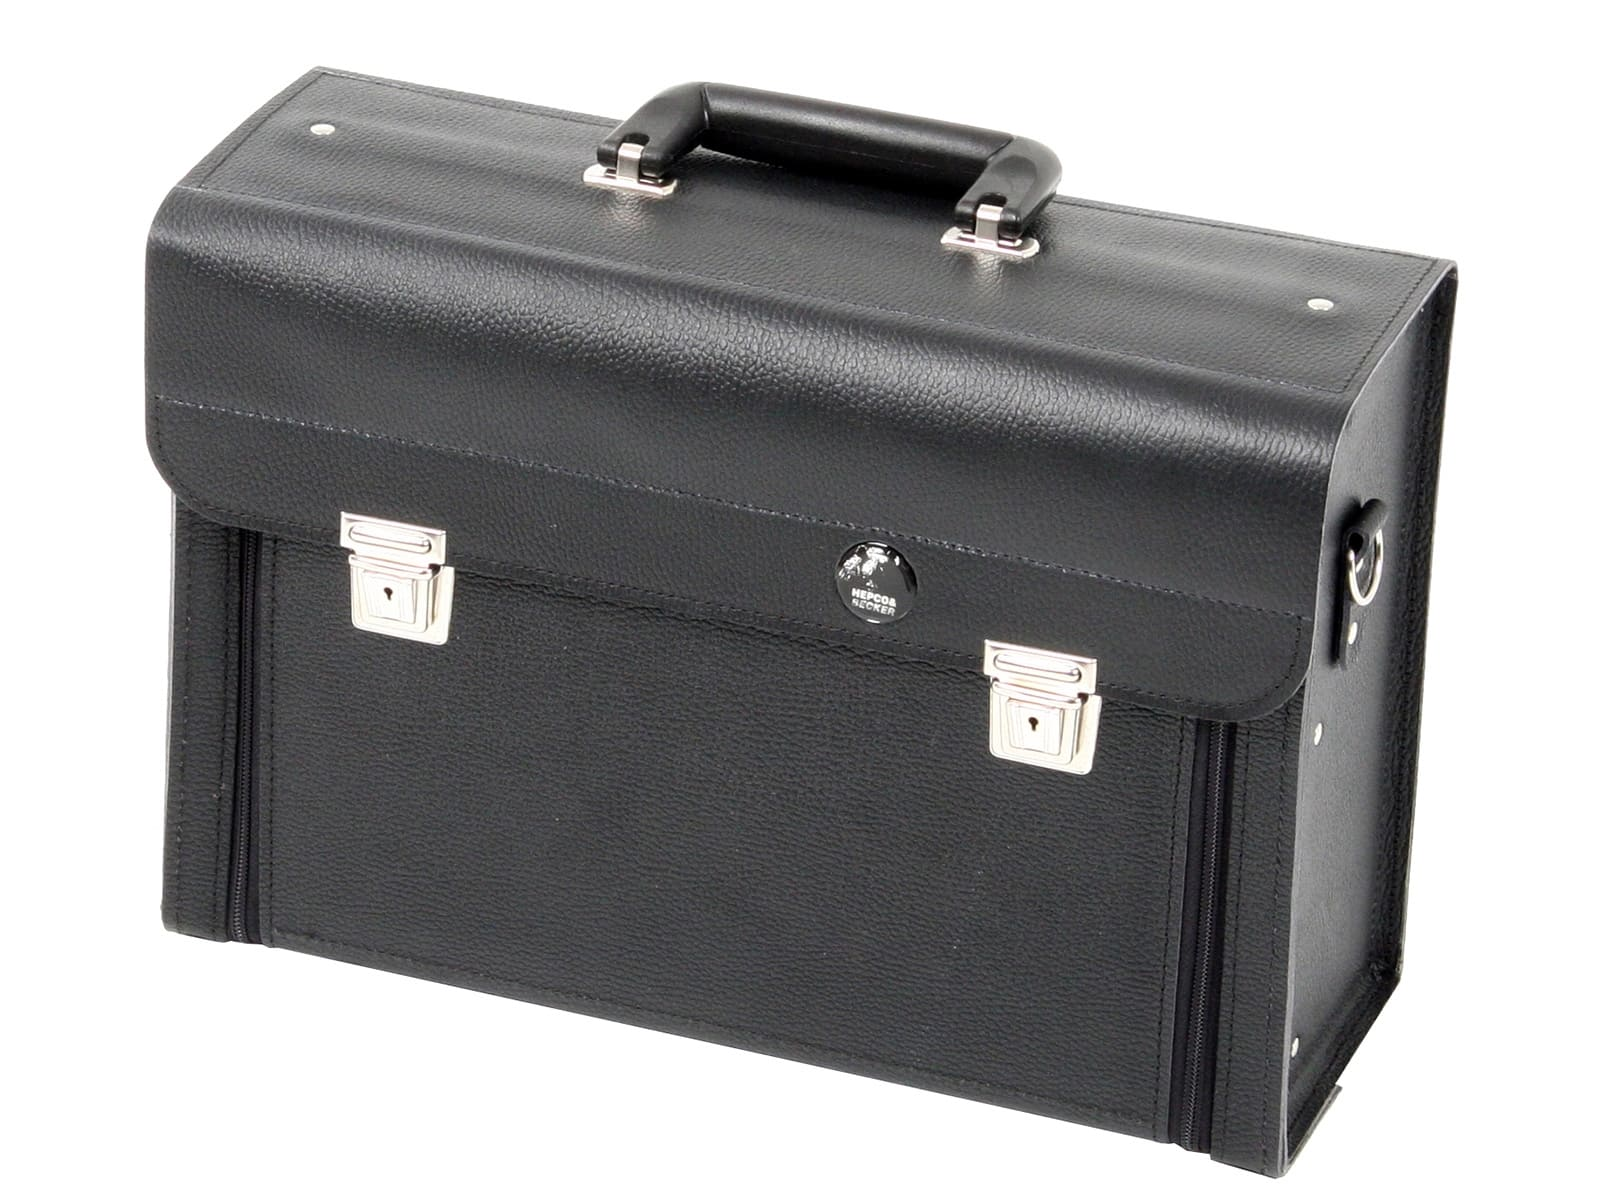 Werkzeugtasche Favorit 7122 KL